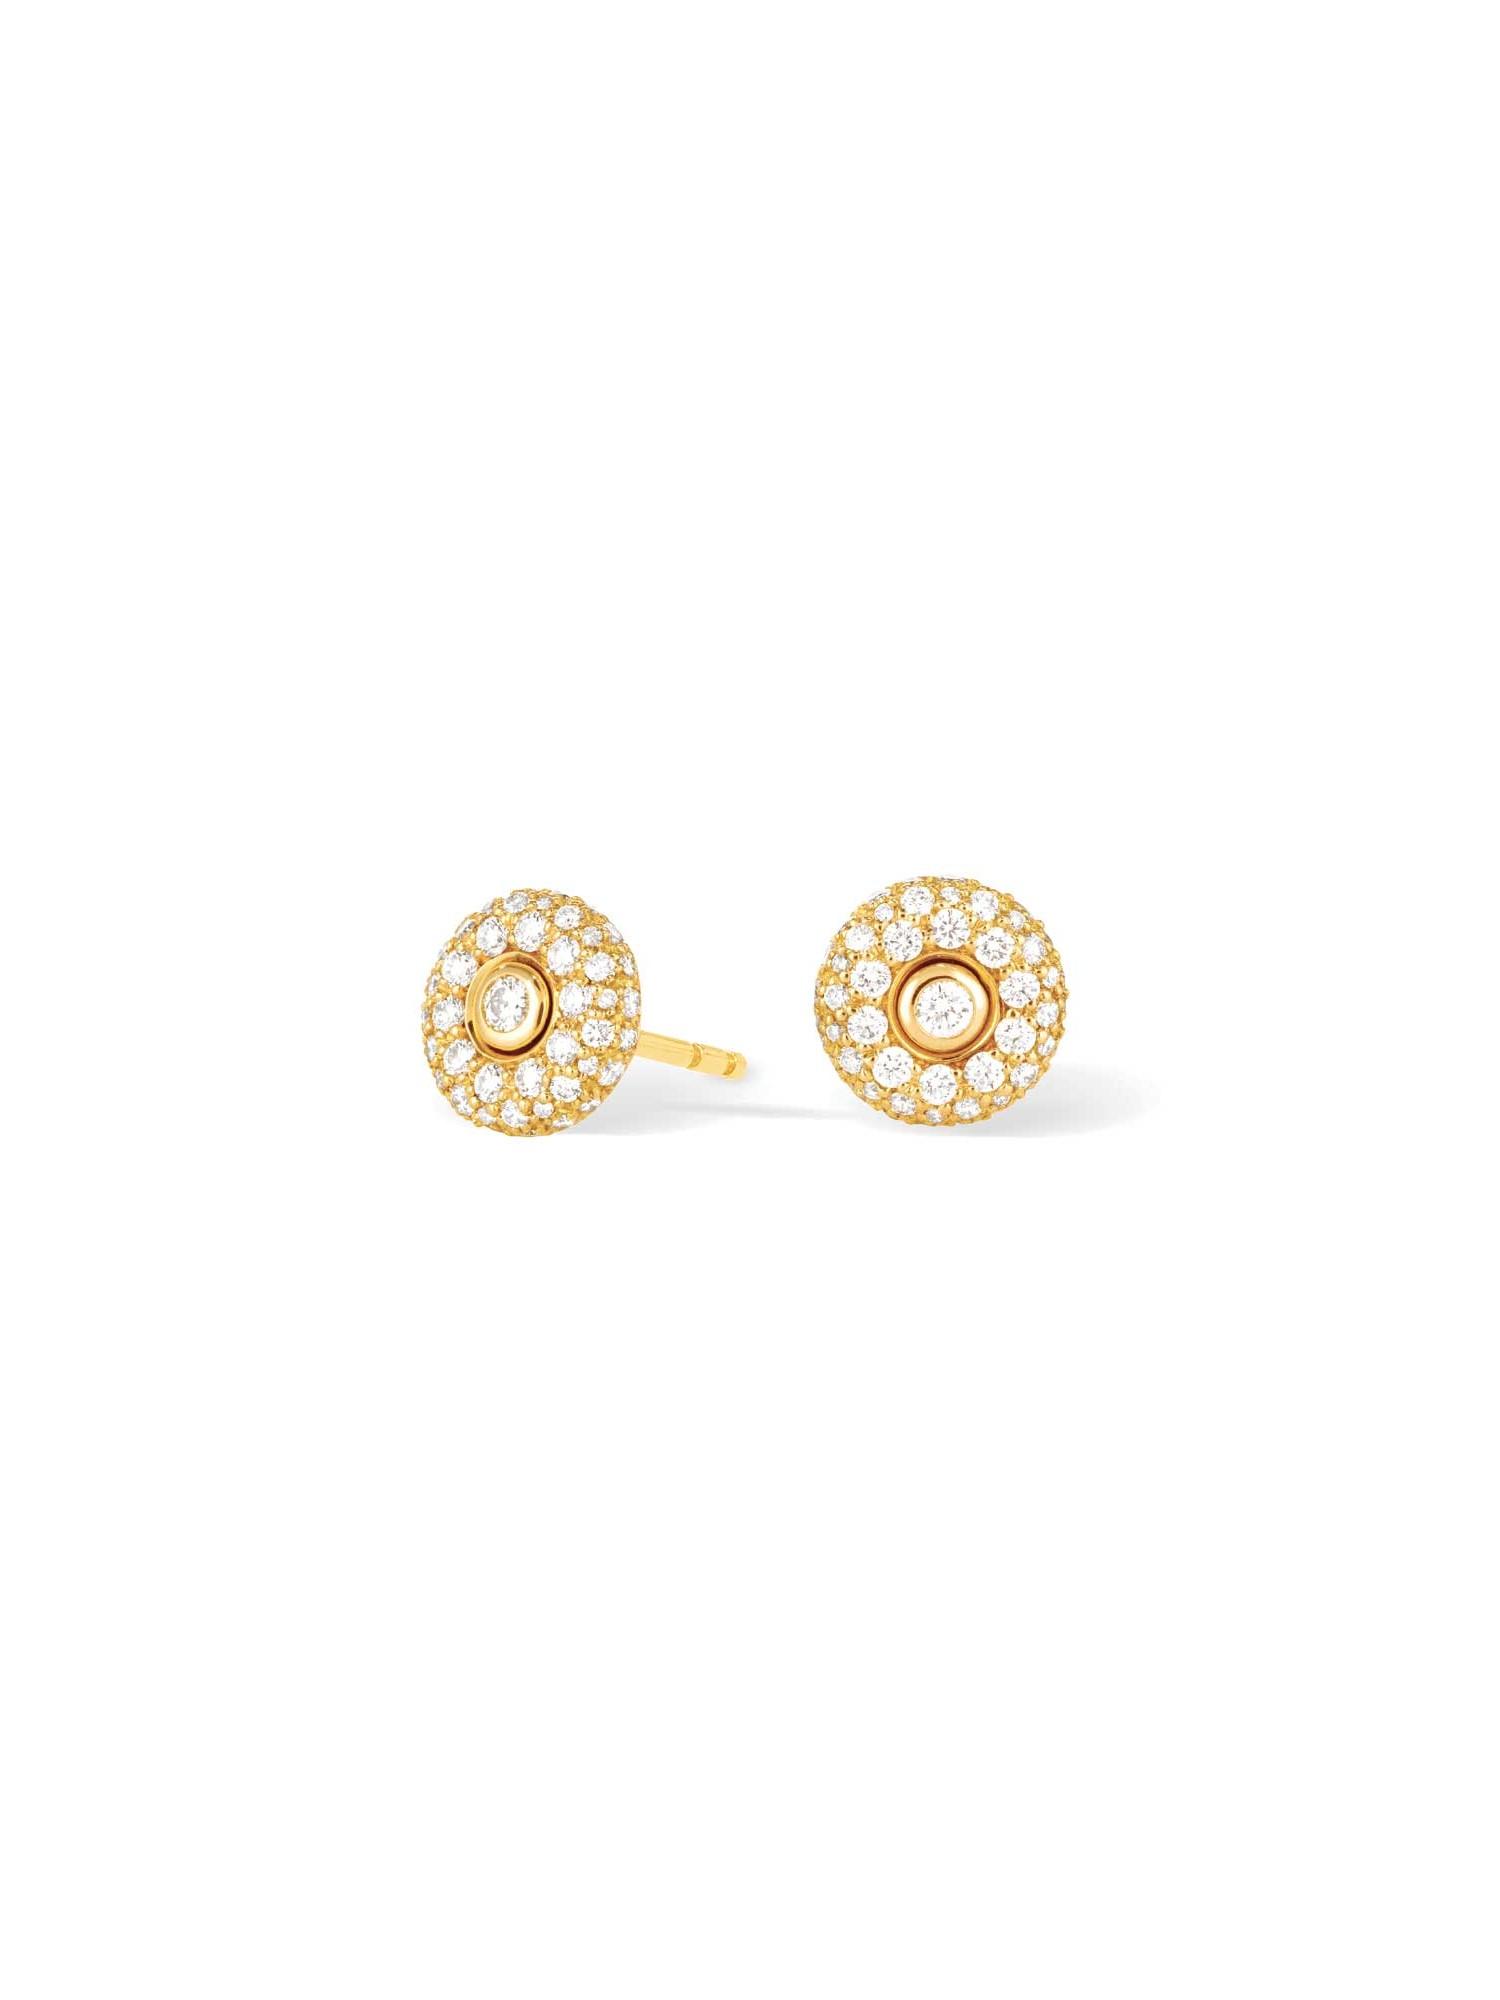 Boucles d'oreilles or jaune et diamants puces - Joaillerie Canaglia Paris-Milan